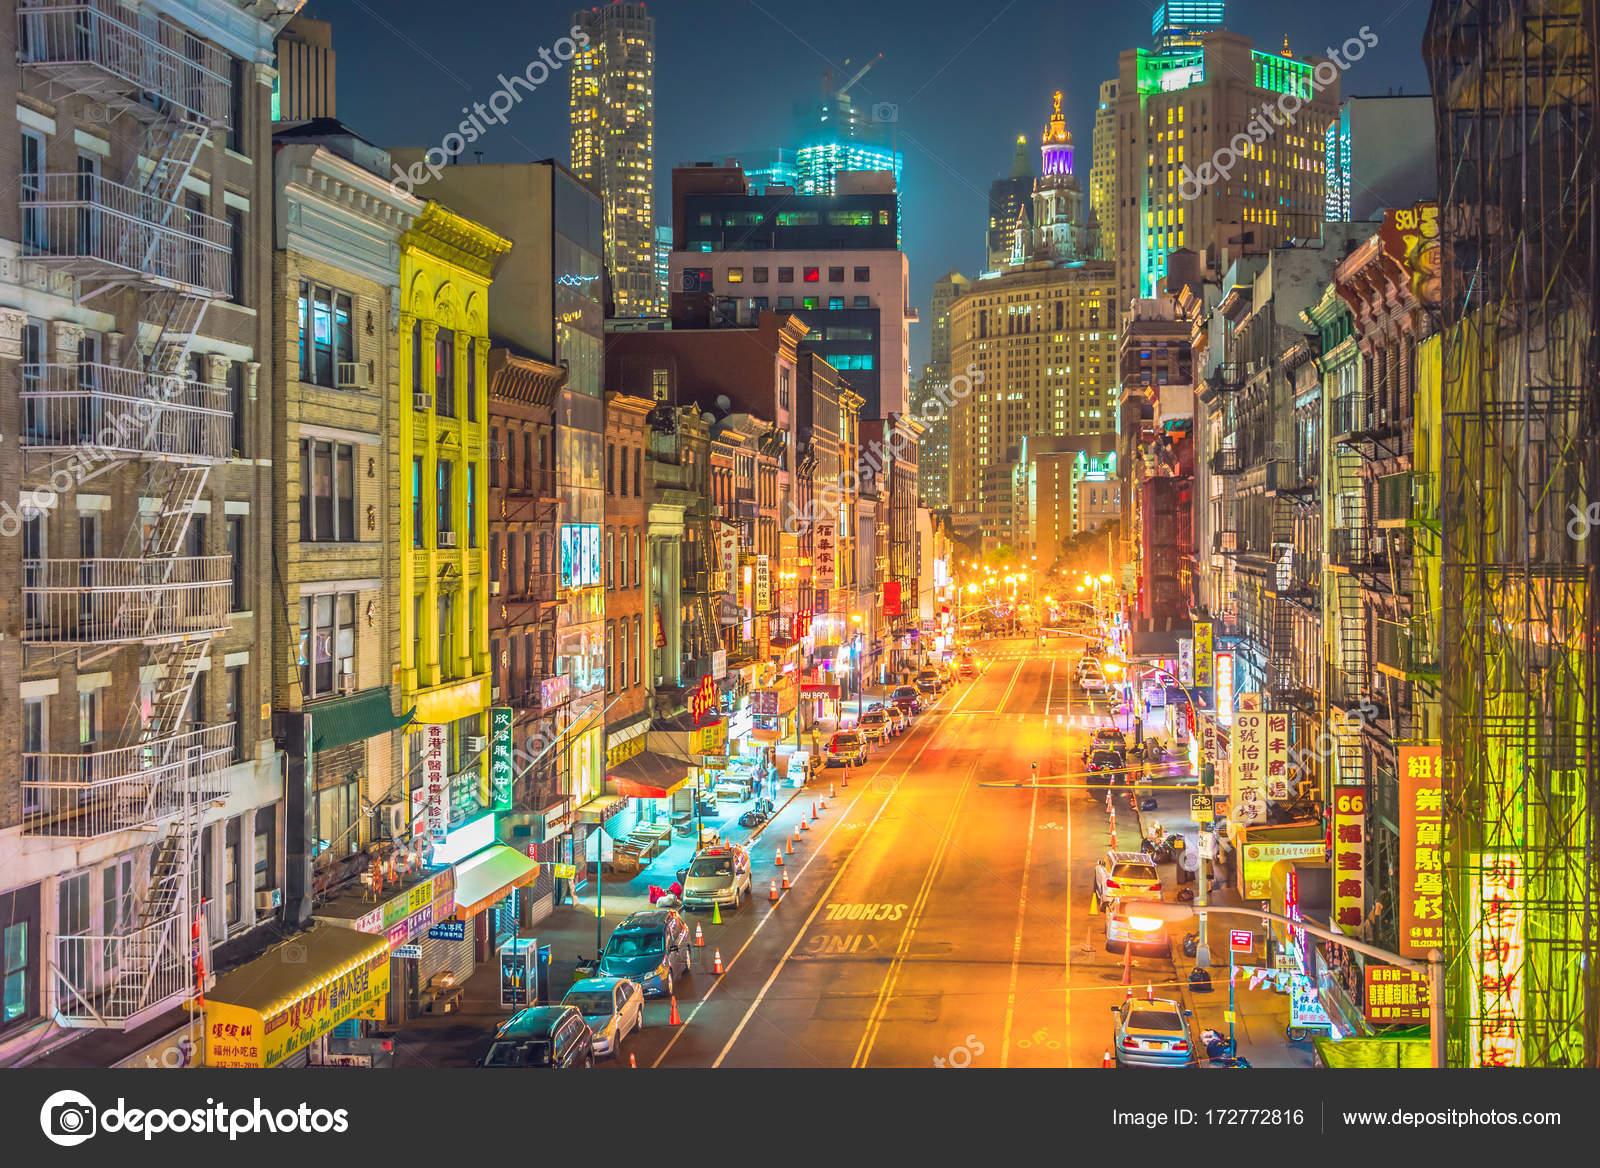 New York City At Night Chinatown Stock Photo C Chumakov16 172772816